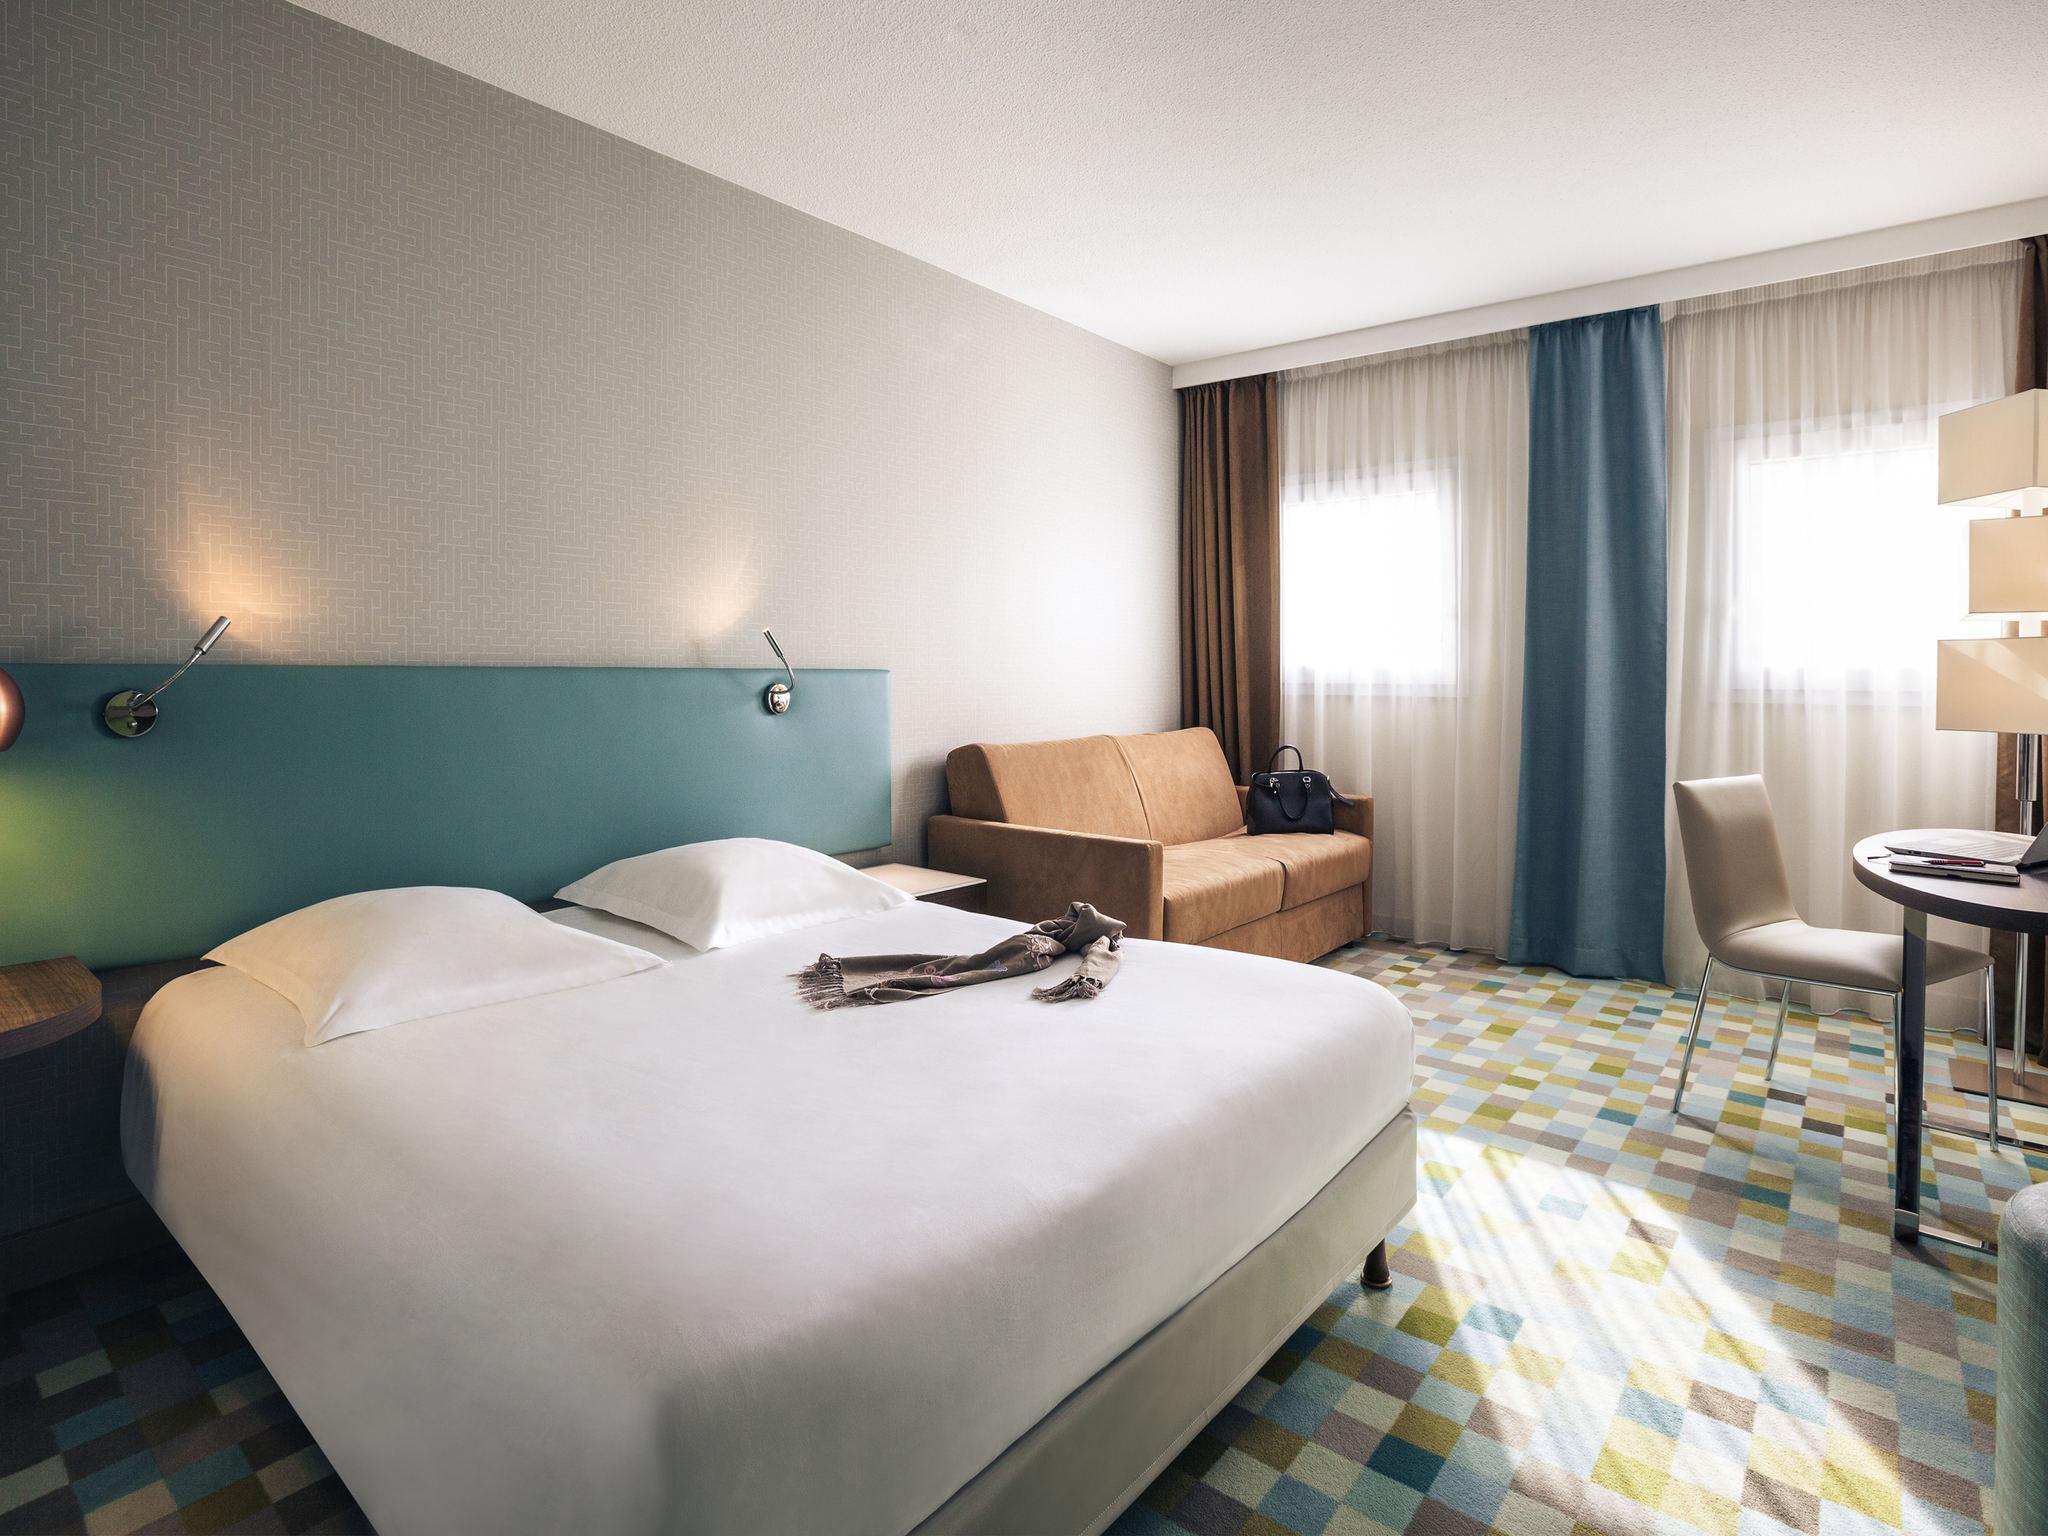 โรงแรม – Hôtel Mercure Marne-la-Vallée Bussy-Saint-Georges